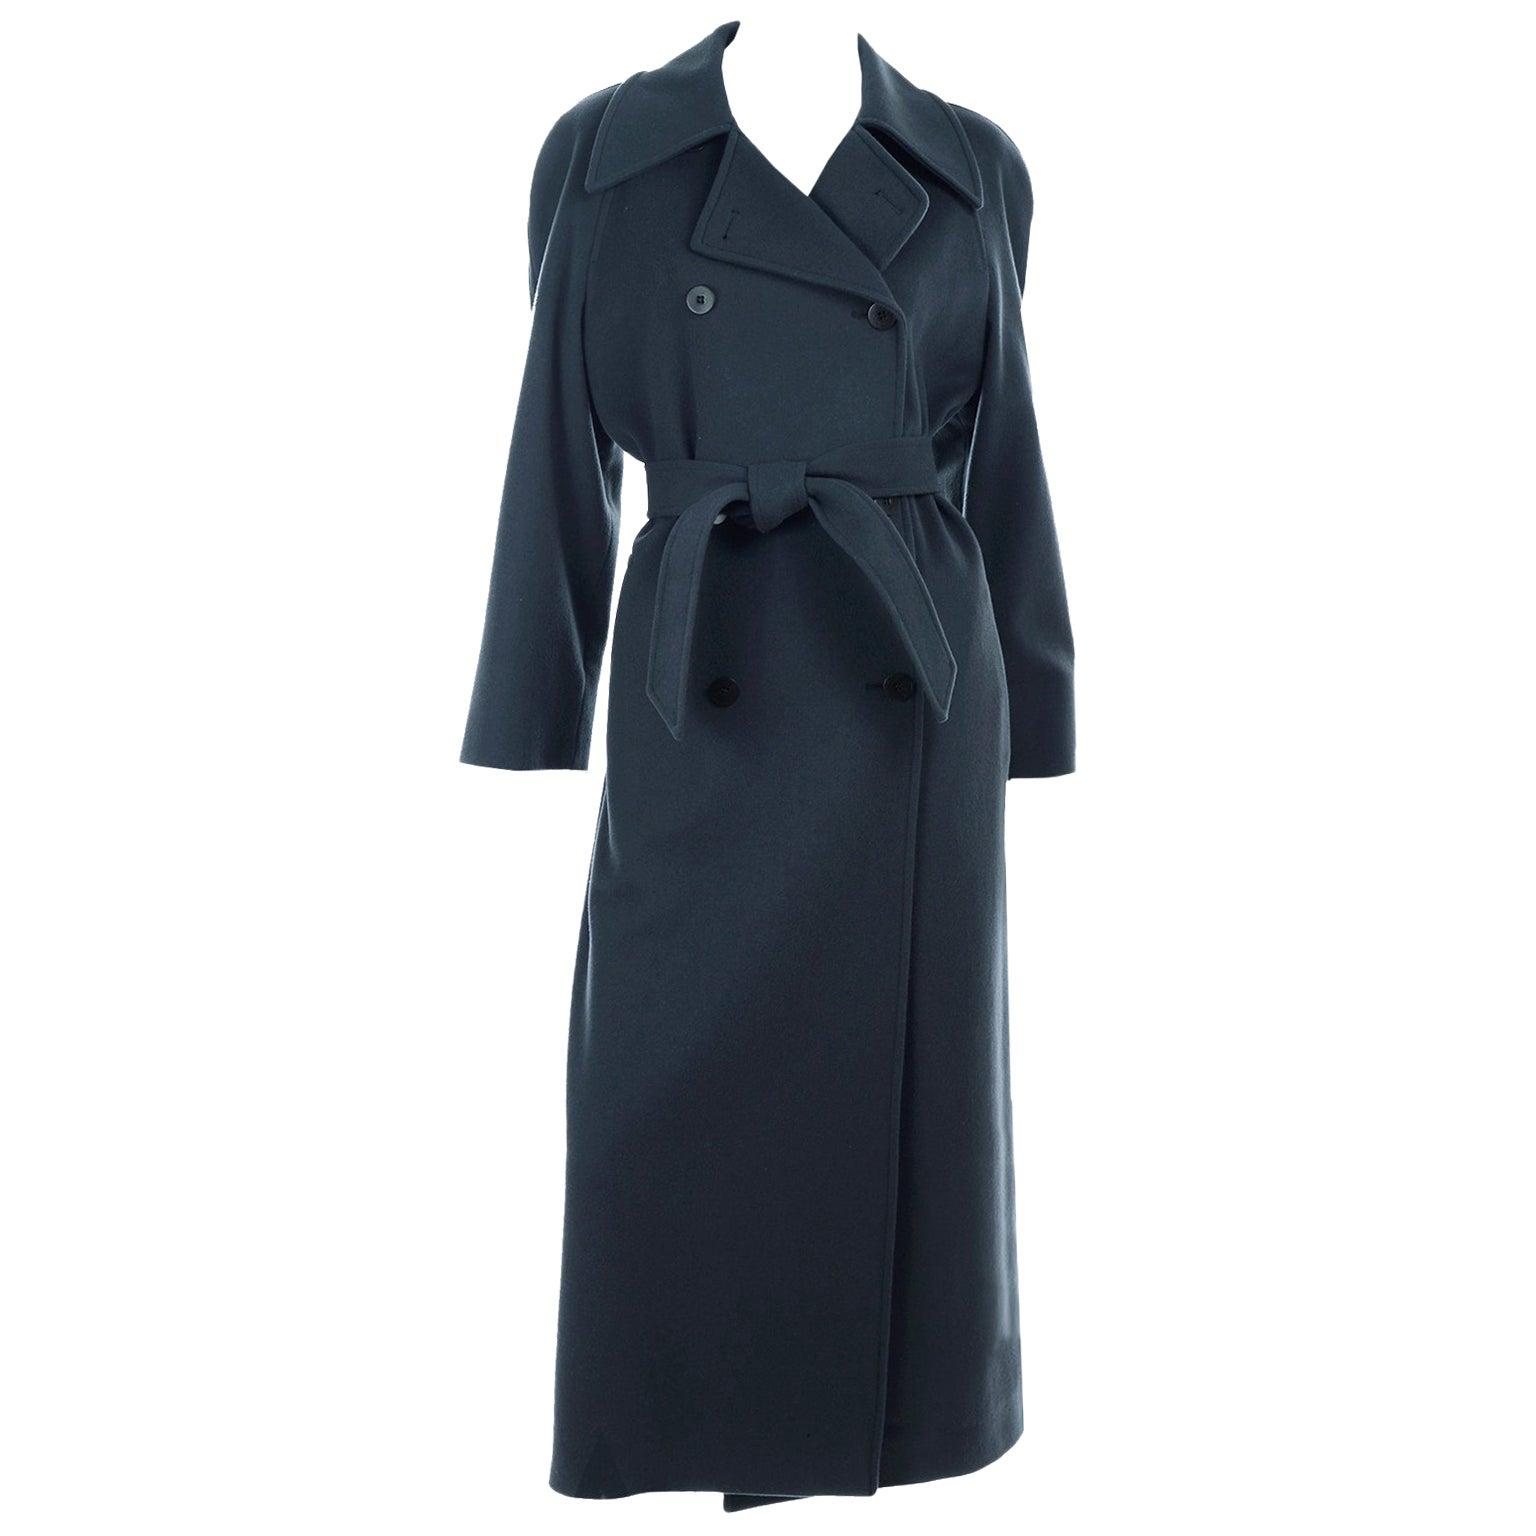 Giorgio Armani Le Collezioni Deep Gray Green Double Breasted Wool Coat